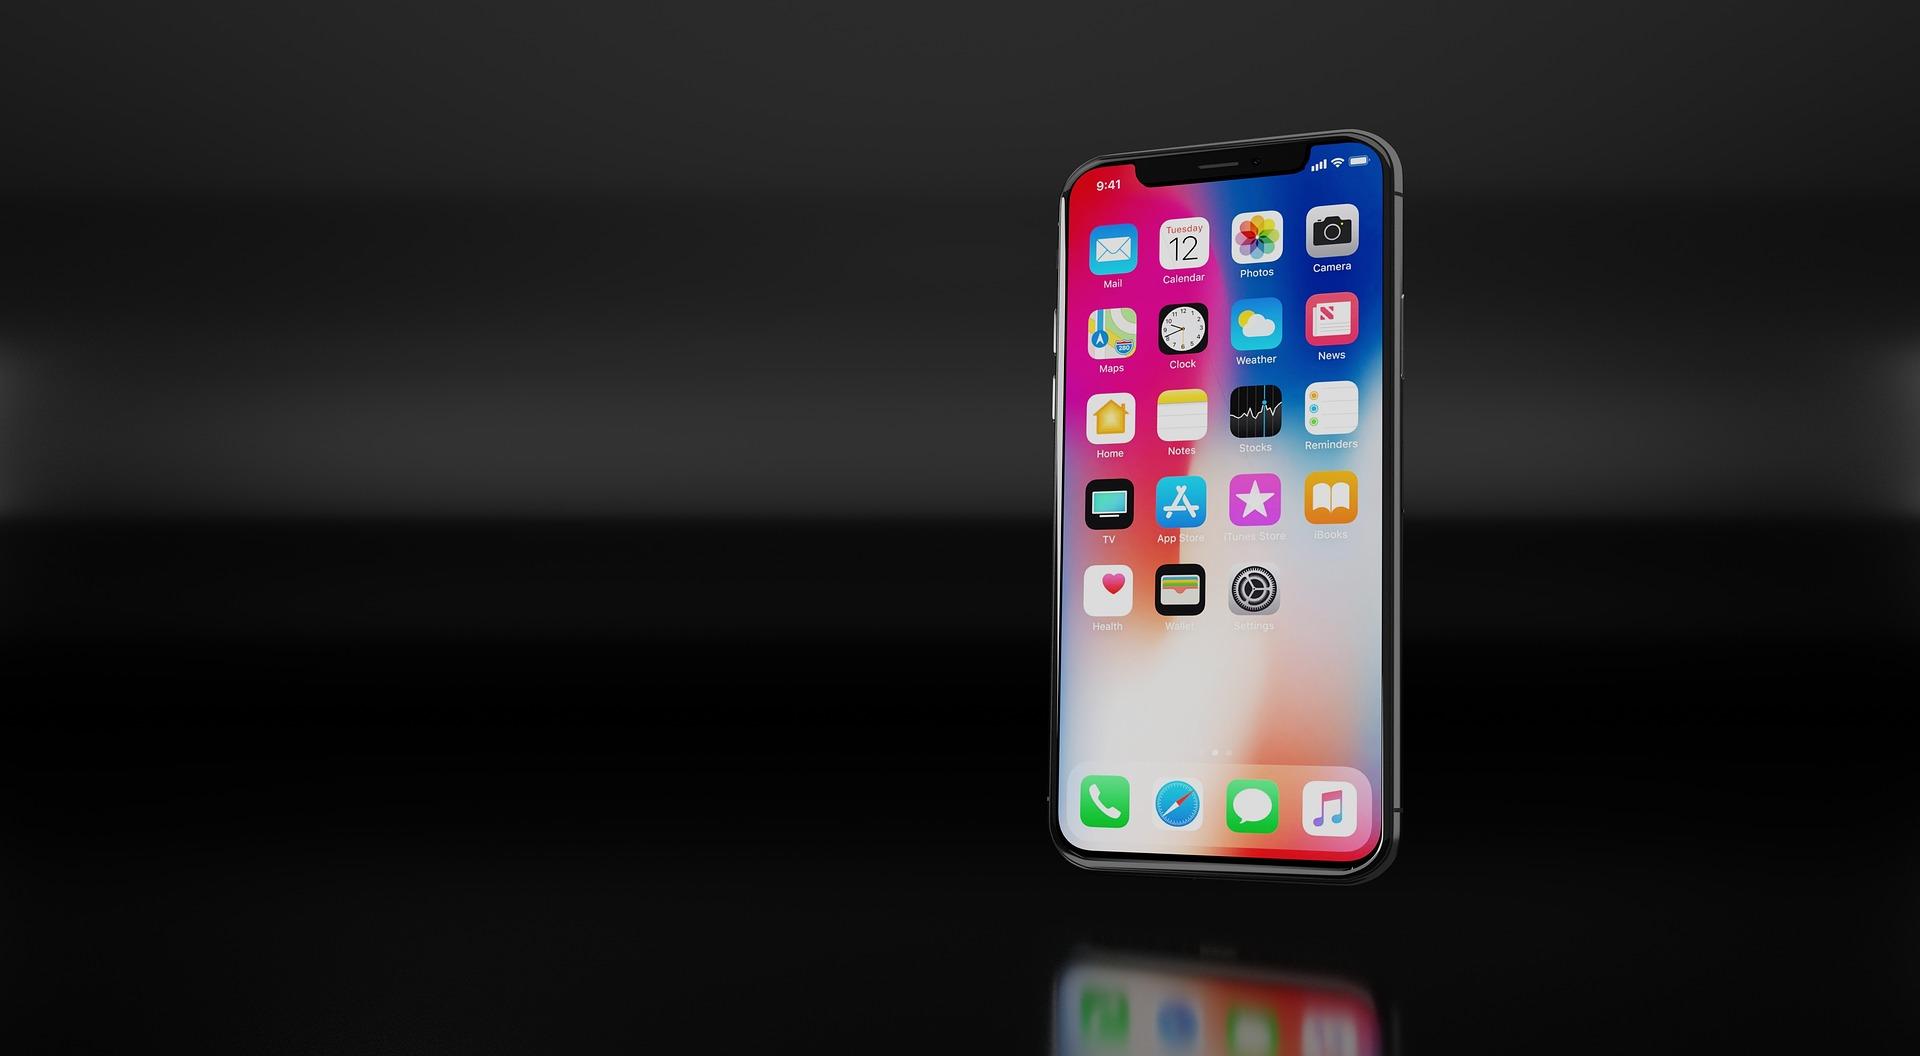 a34eb0b0f8 iPhone Xの予約購入の賢い方法を知る 手続きに必要な物とは   iPhone ...